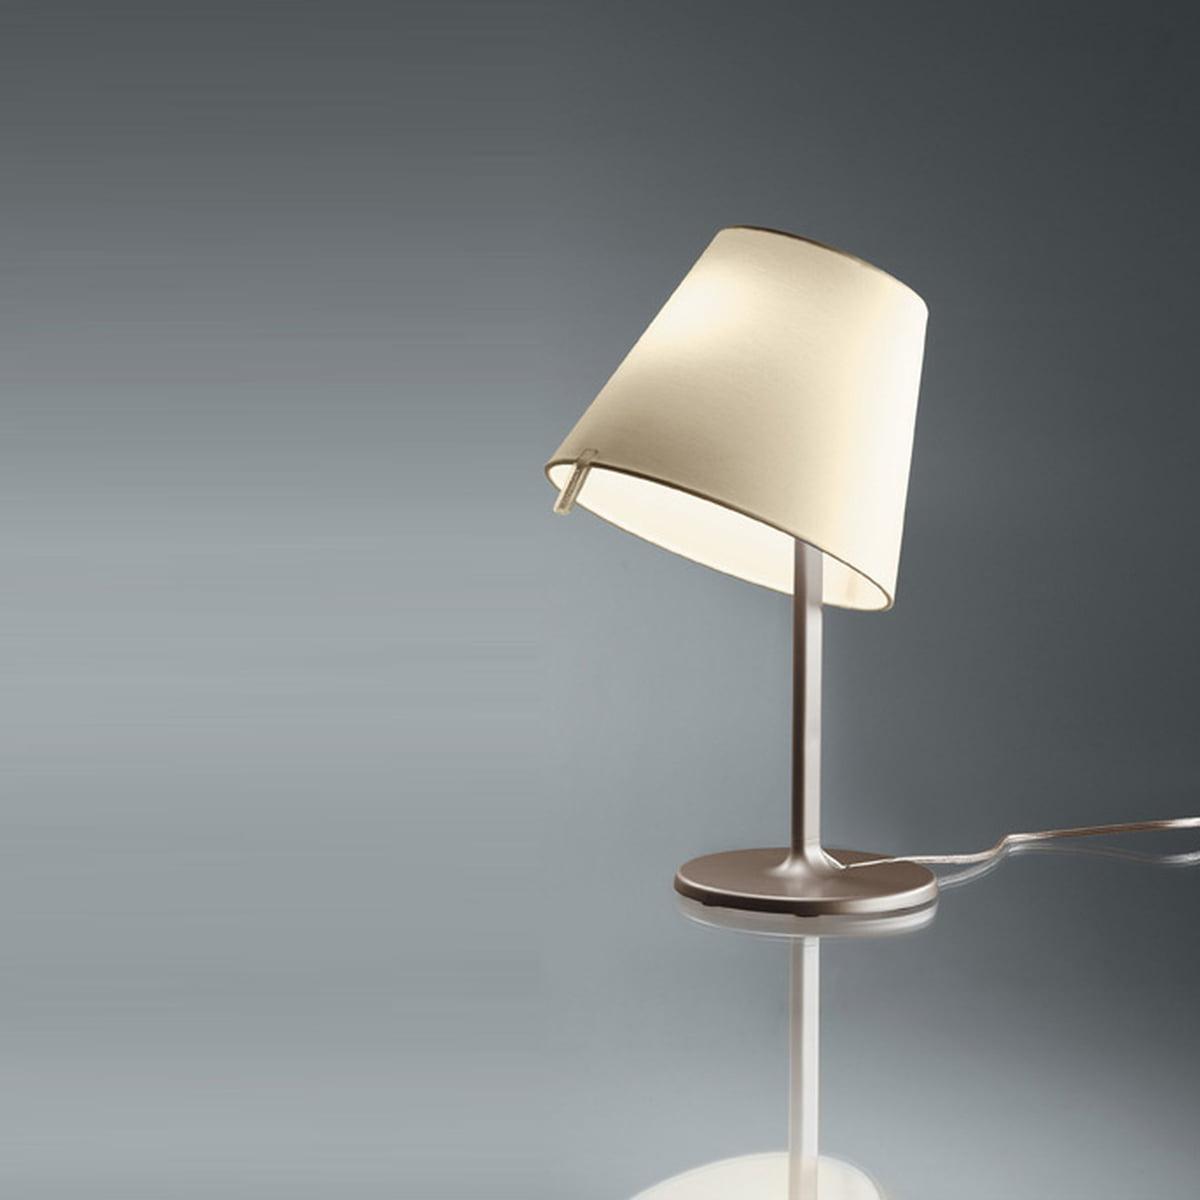 lampe melampo notte pour artemide boutique. Black Bedroom Furniture Sets. Home Design Ideas